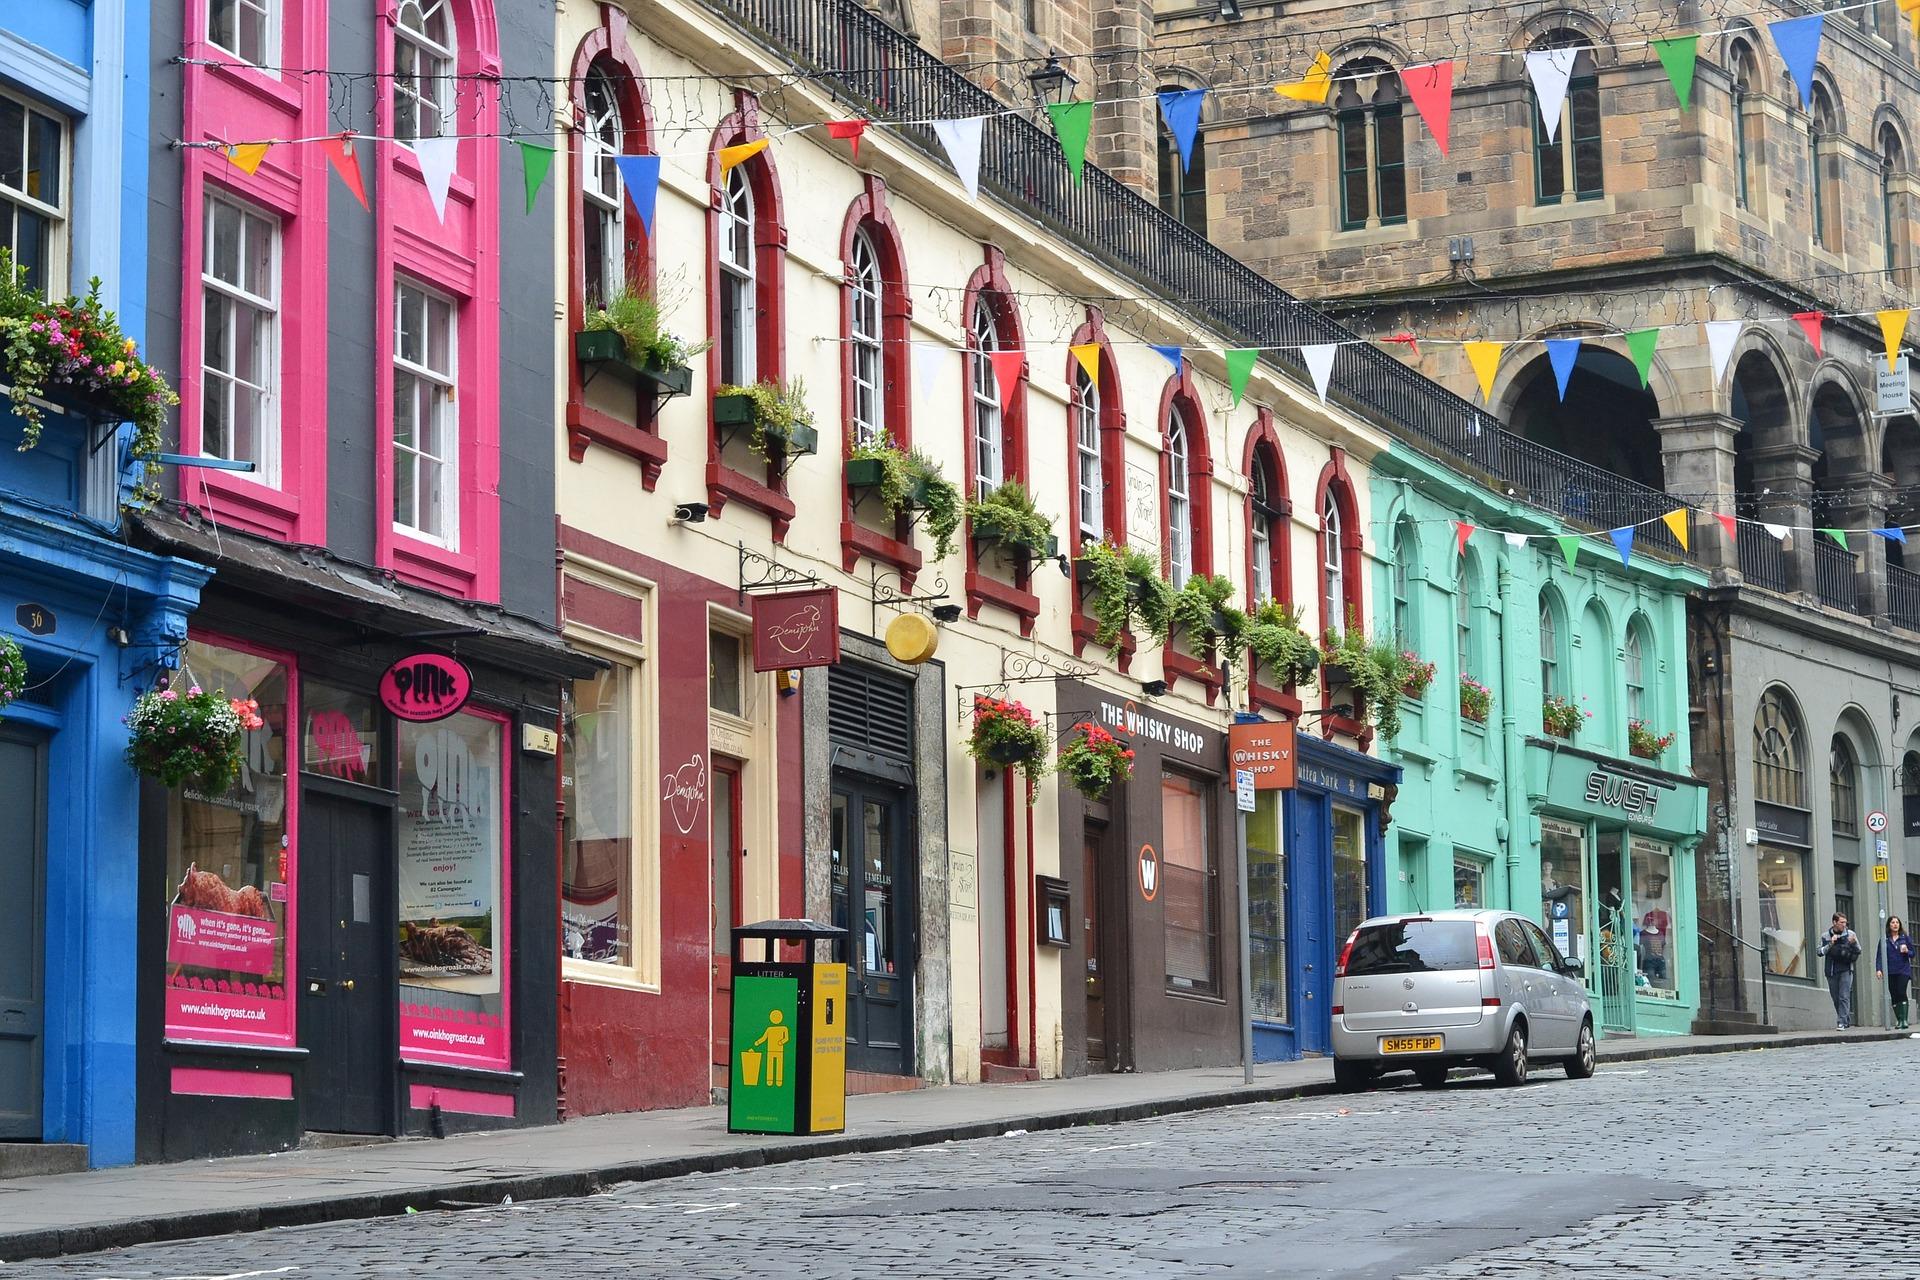 Pauschalreise nach Edinburgh ins Schlosshotel